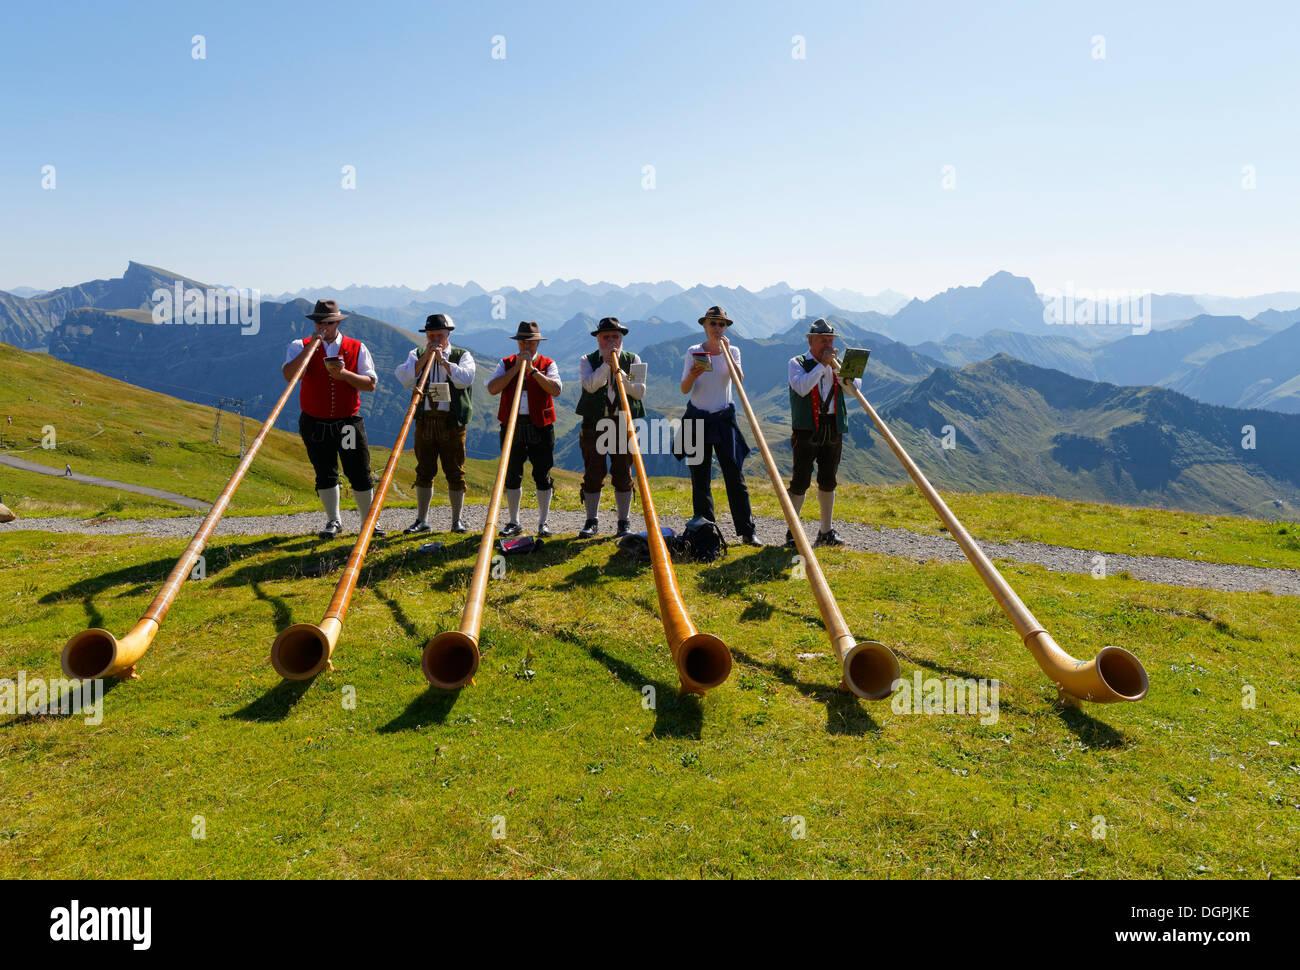 Alphorn players, Diedamskopf, Schoppernau, Bregenzerwald, Bregenzer Wald, Vorarlberg, Austria Stock Photo